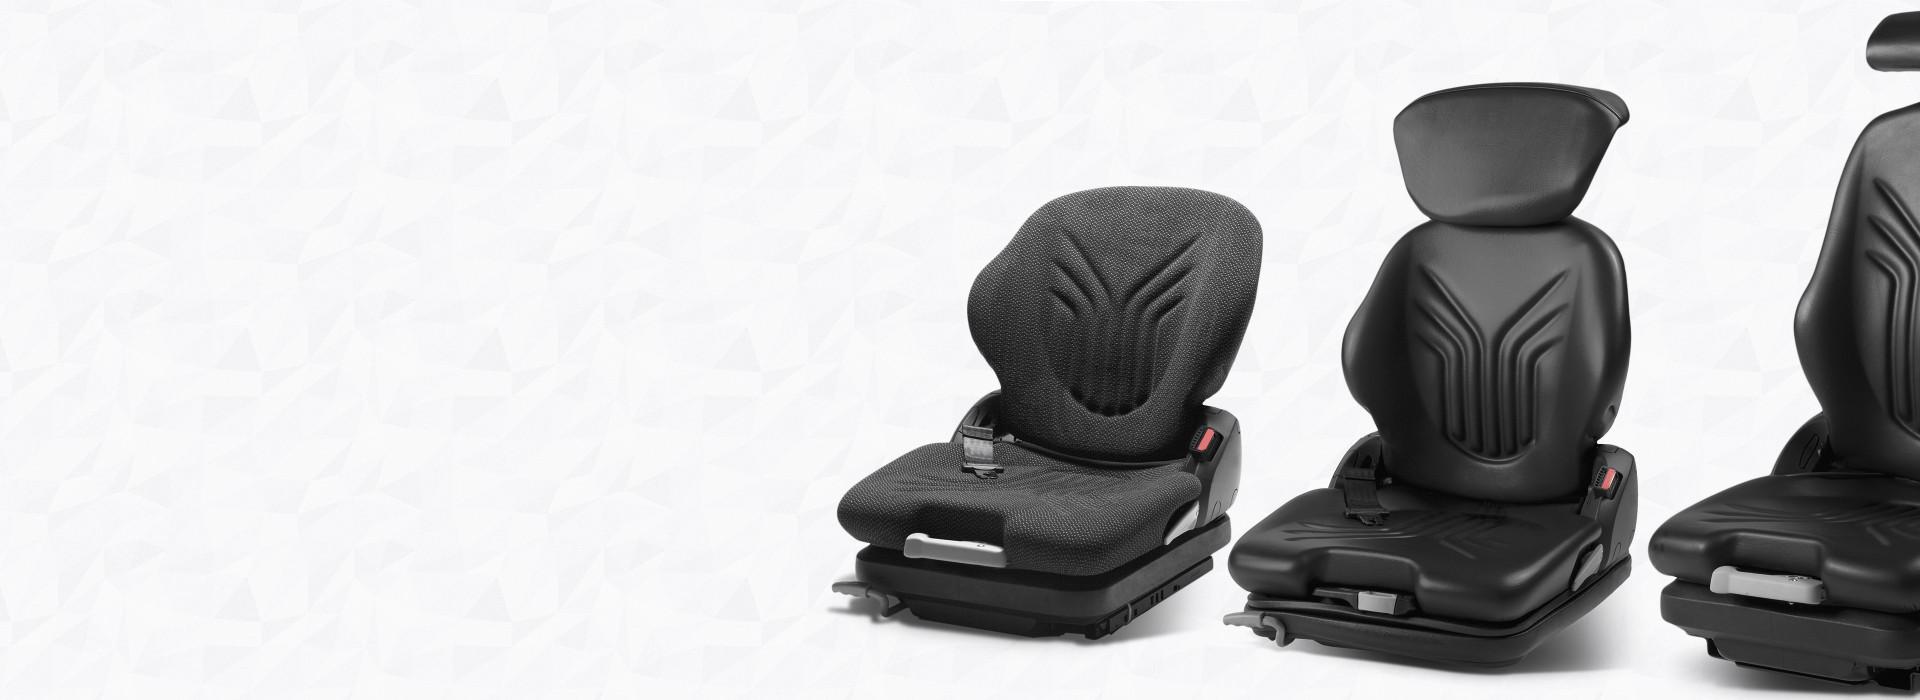 Pièces détachées d'origine STILL® - Un poste de travail ergonomique pour de hautes performances